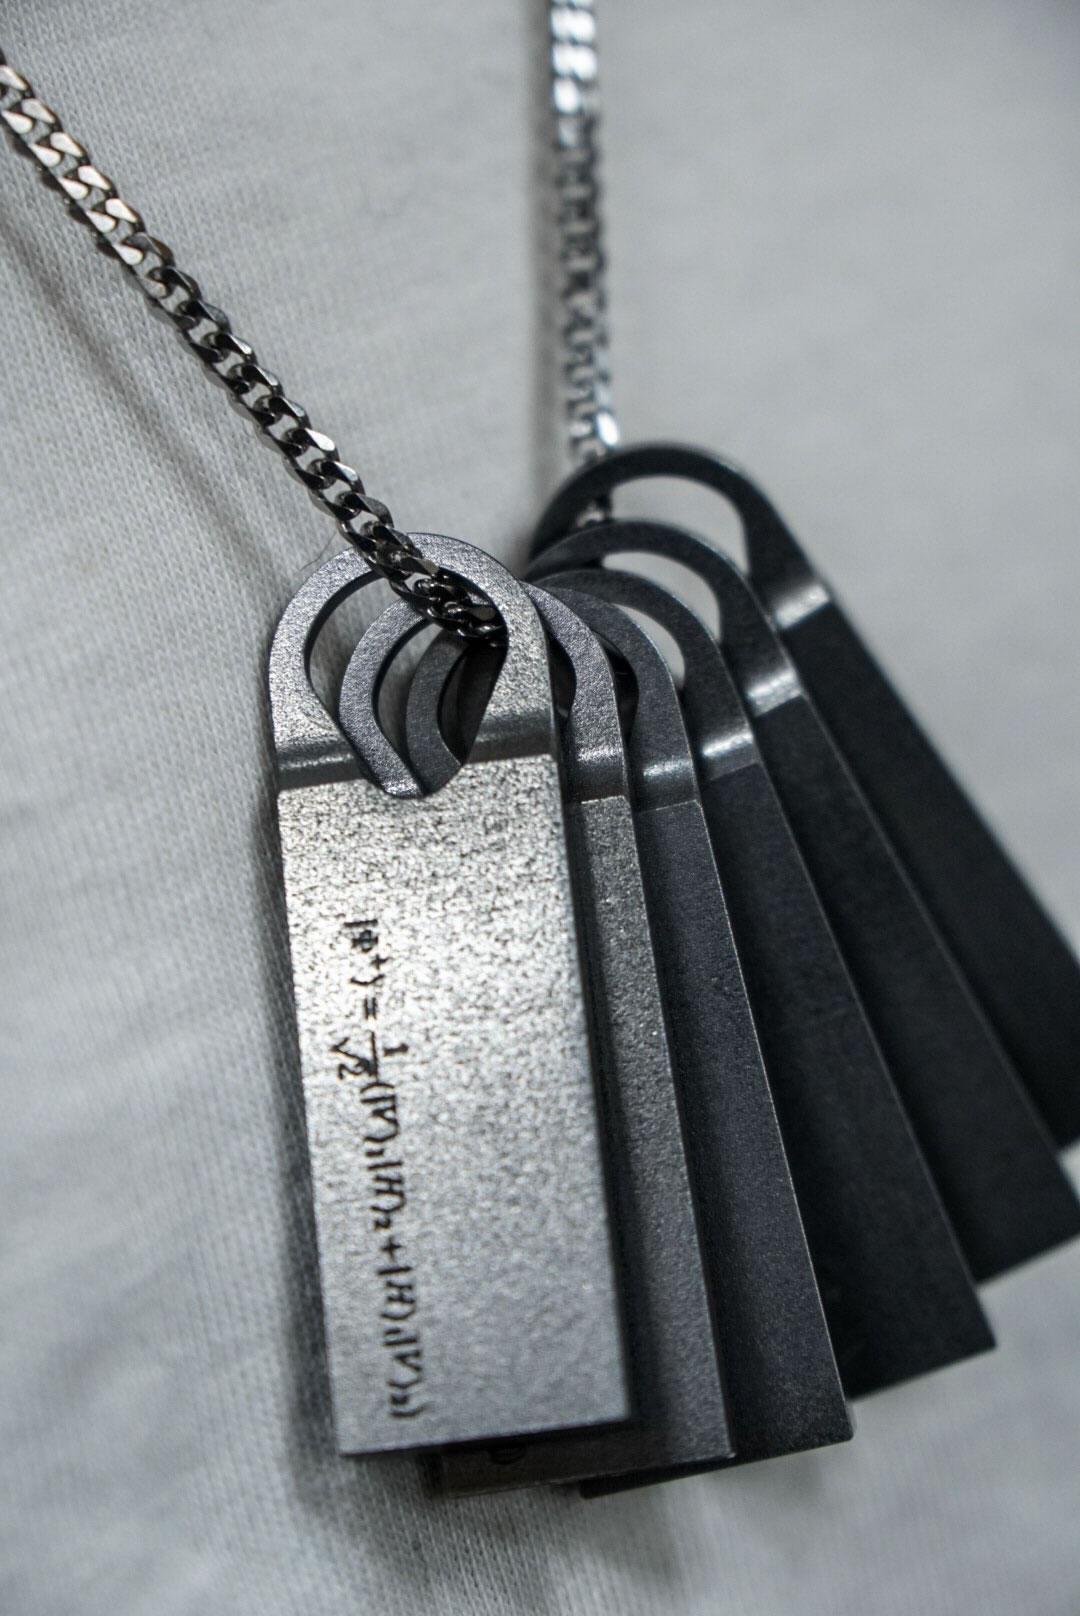 Le collier de Norman Reedus dans Death Stranding peut-être bientôt un goodie